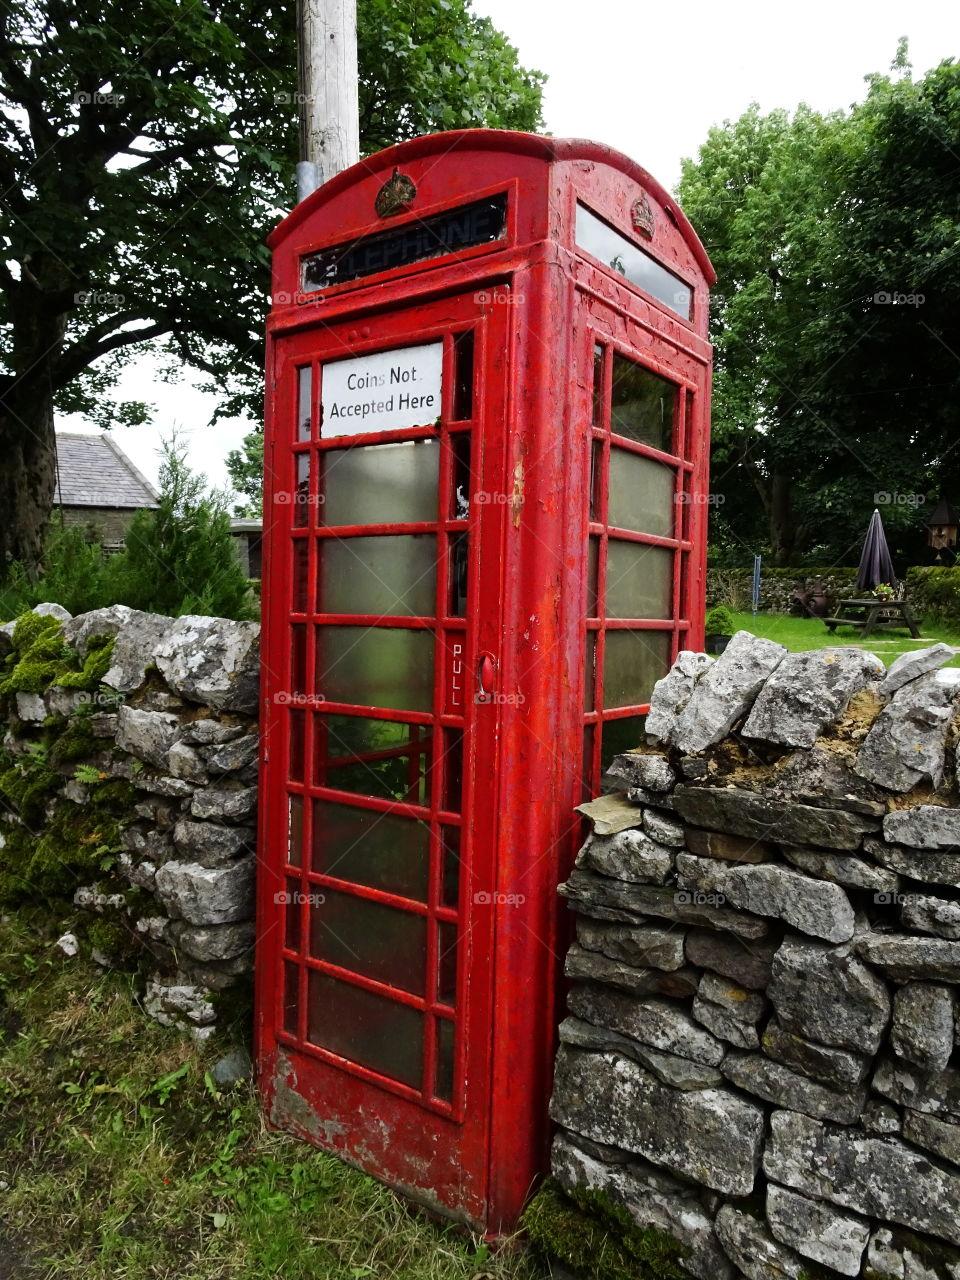 British red phone box